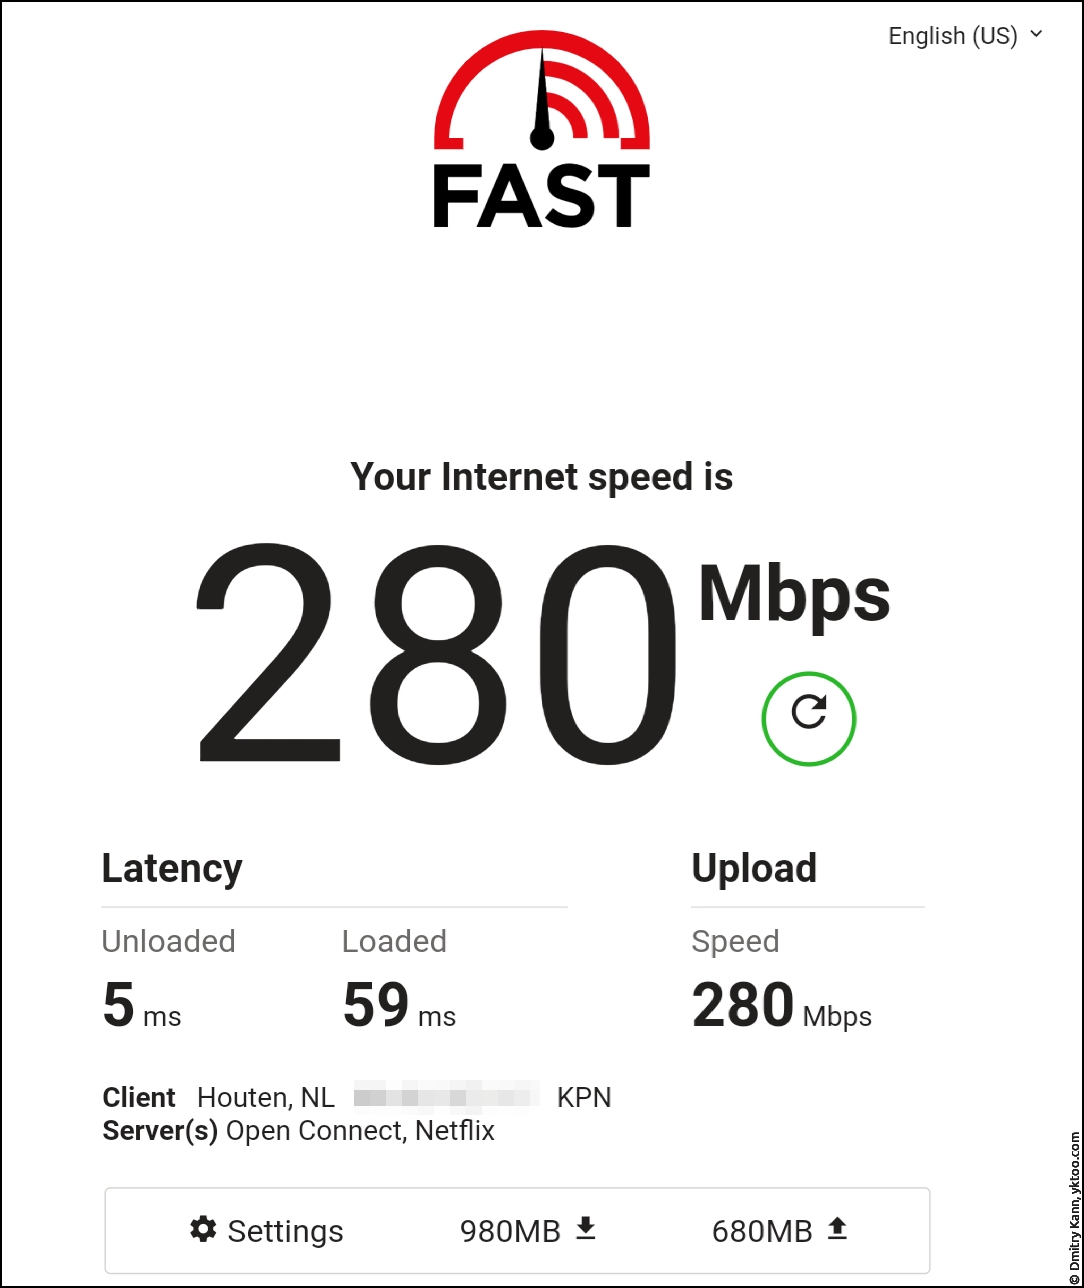 Скорость Wi-Fi вдали от роутера и сателлита — fast.com.